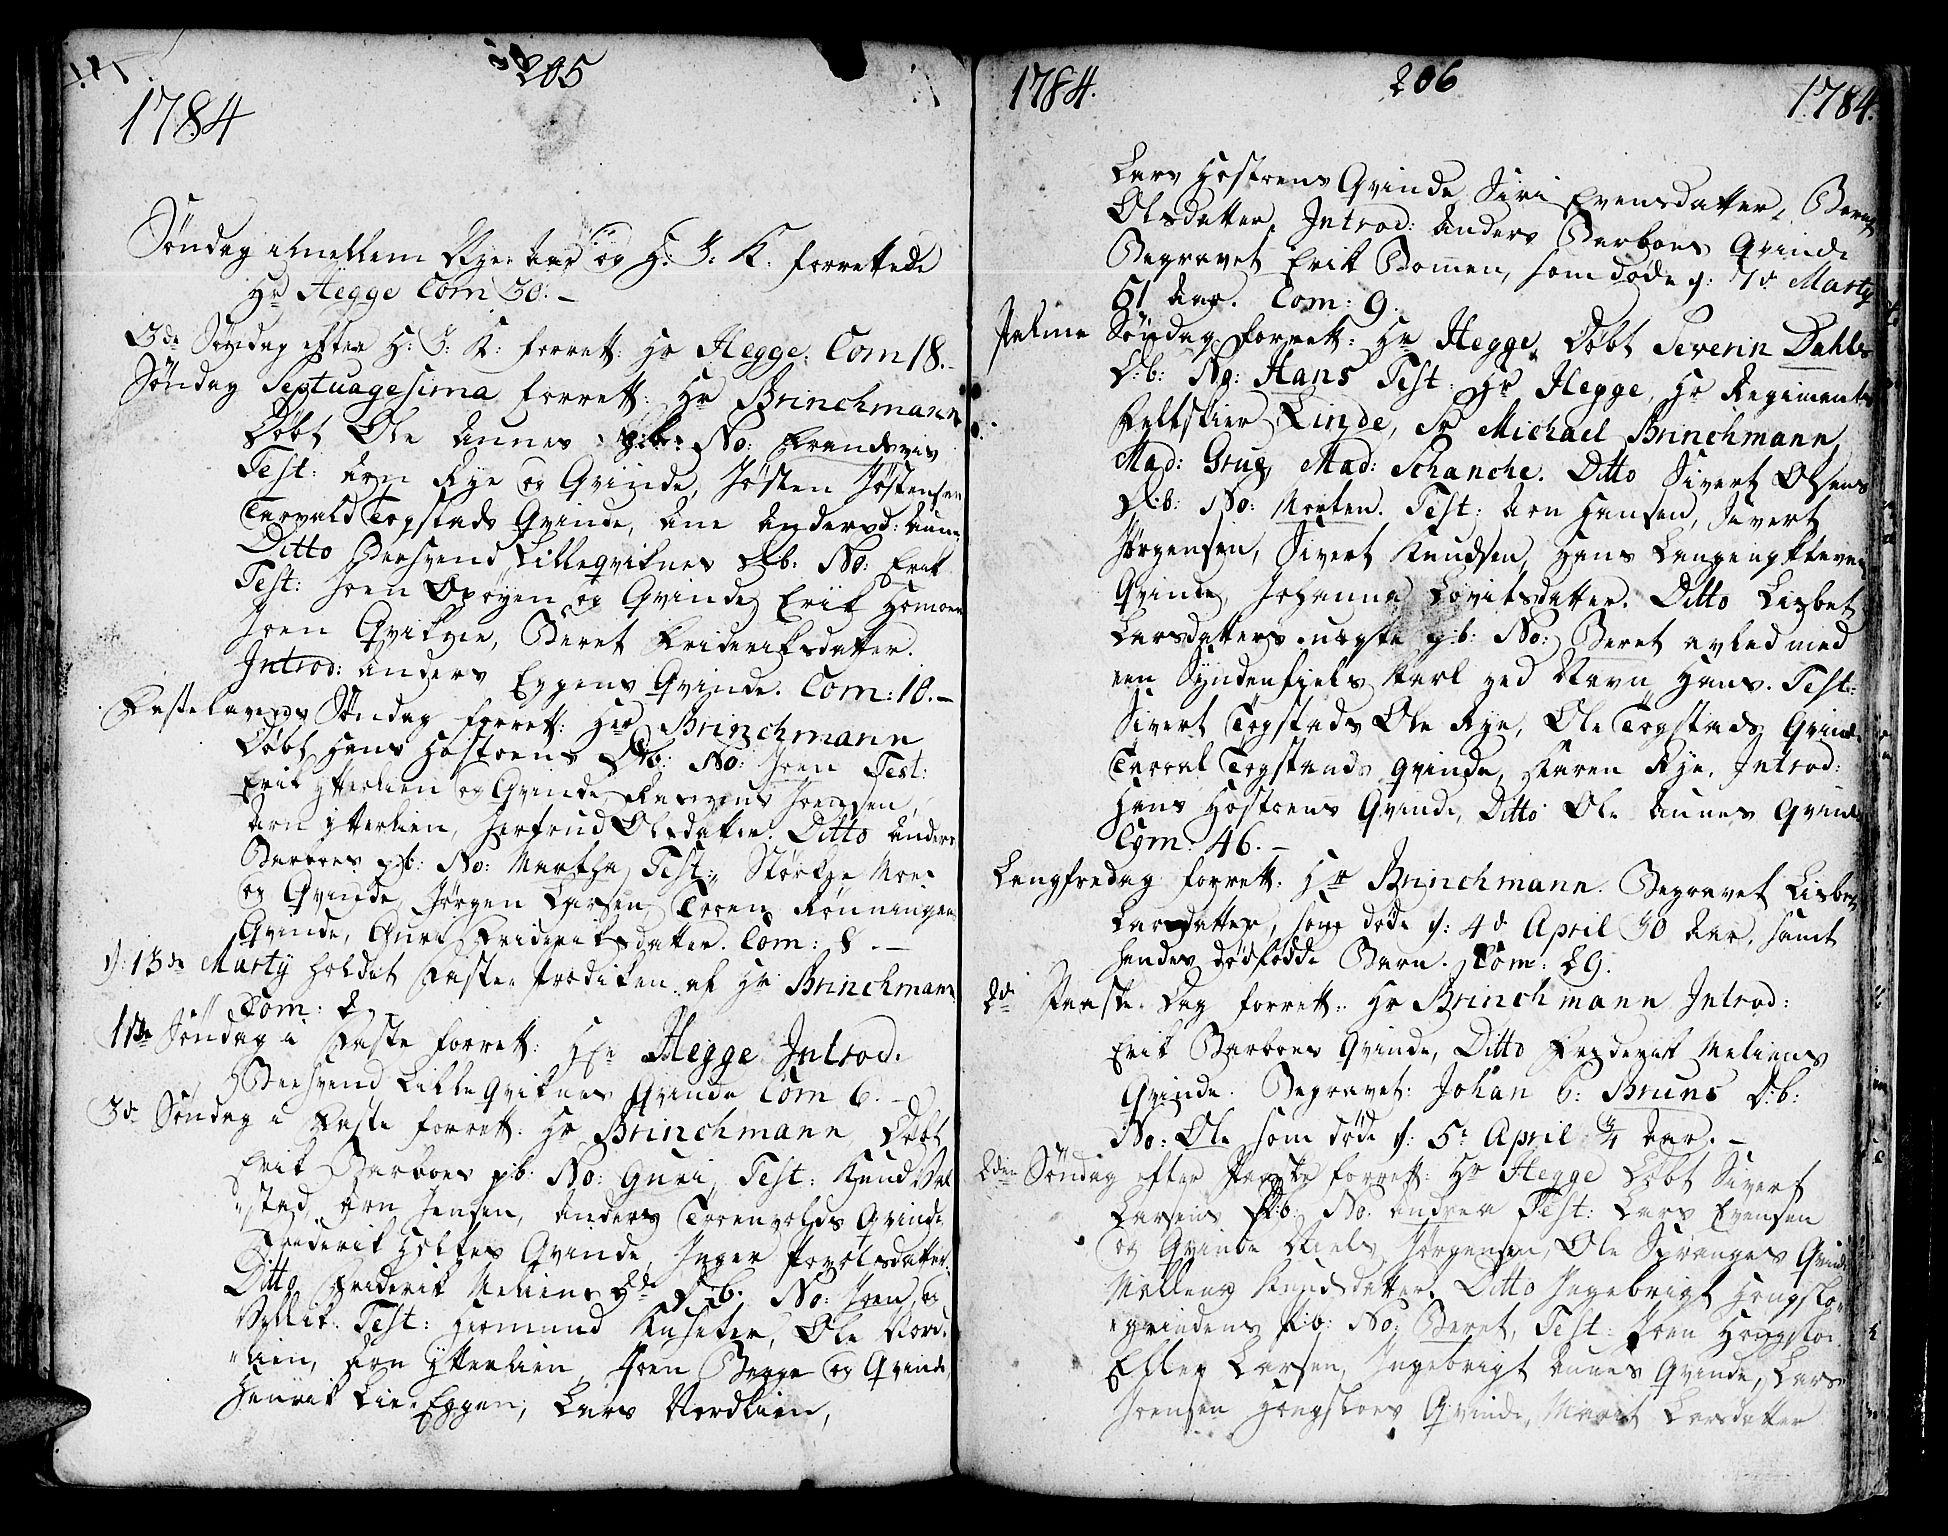 SAT, Ministerialprotokoller, klokkerbøker og fødselsregistre - Sør-Trøndelag, 671/L0840: Ministerialbok nr. 671A02, 1756-1794, s. 305-306